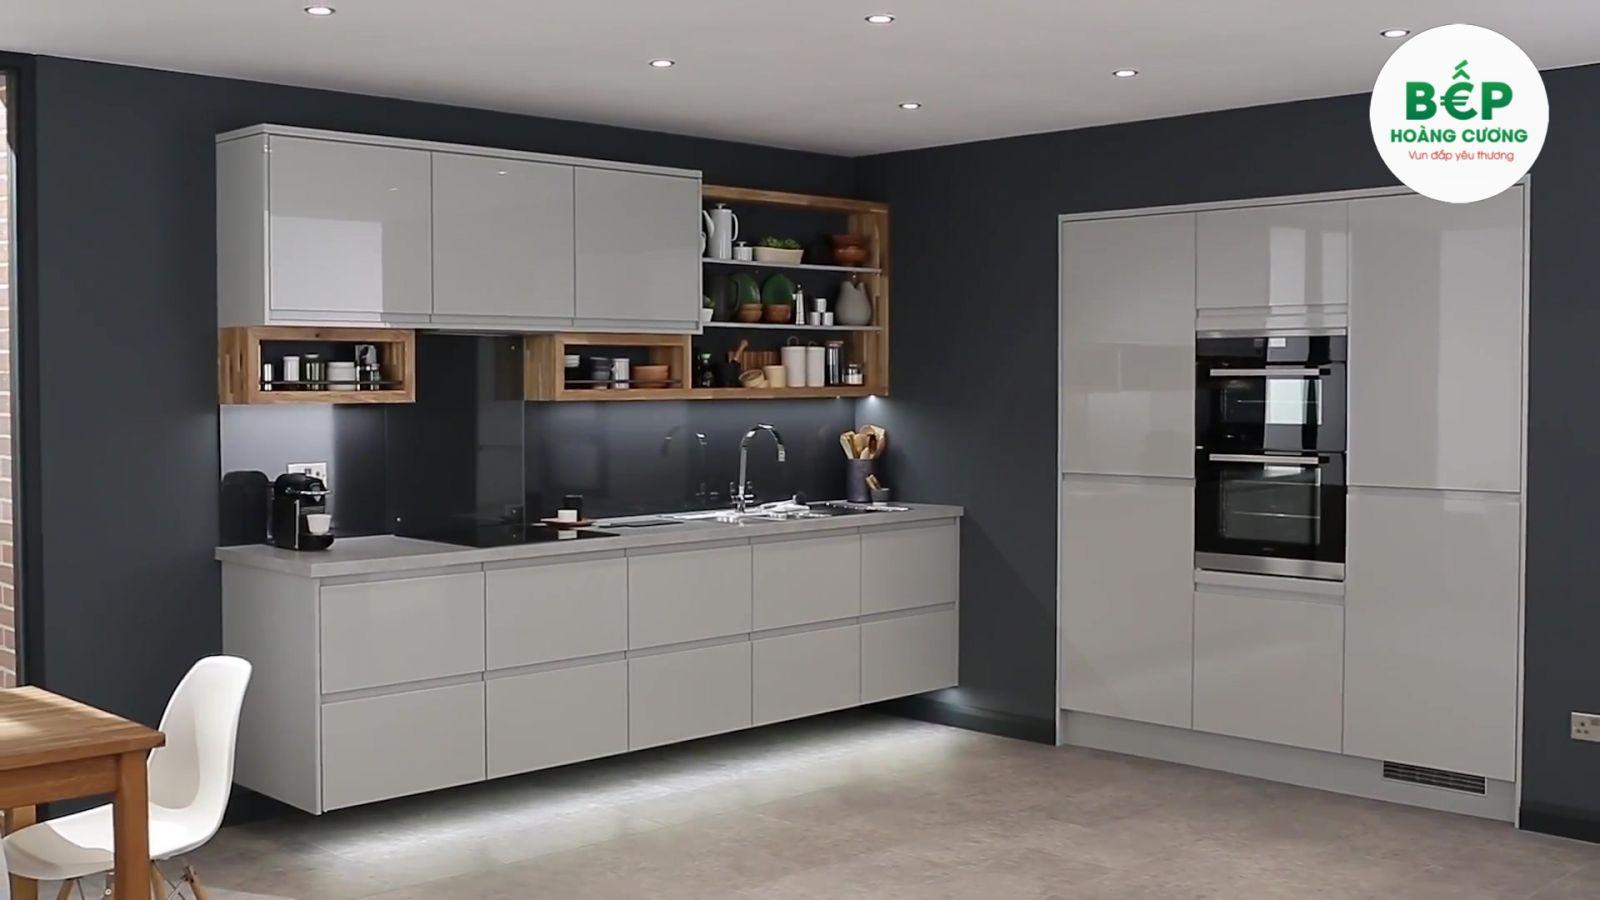 Tư vấn lắp đặt thiết bị bếp cho mọi không gian bếp